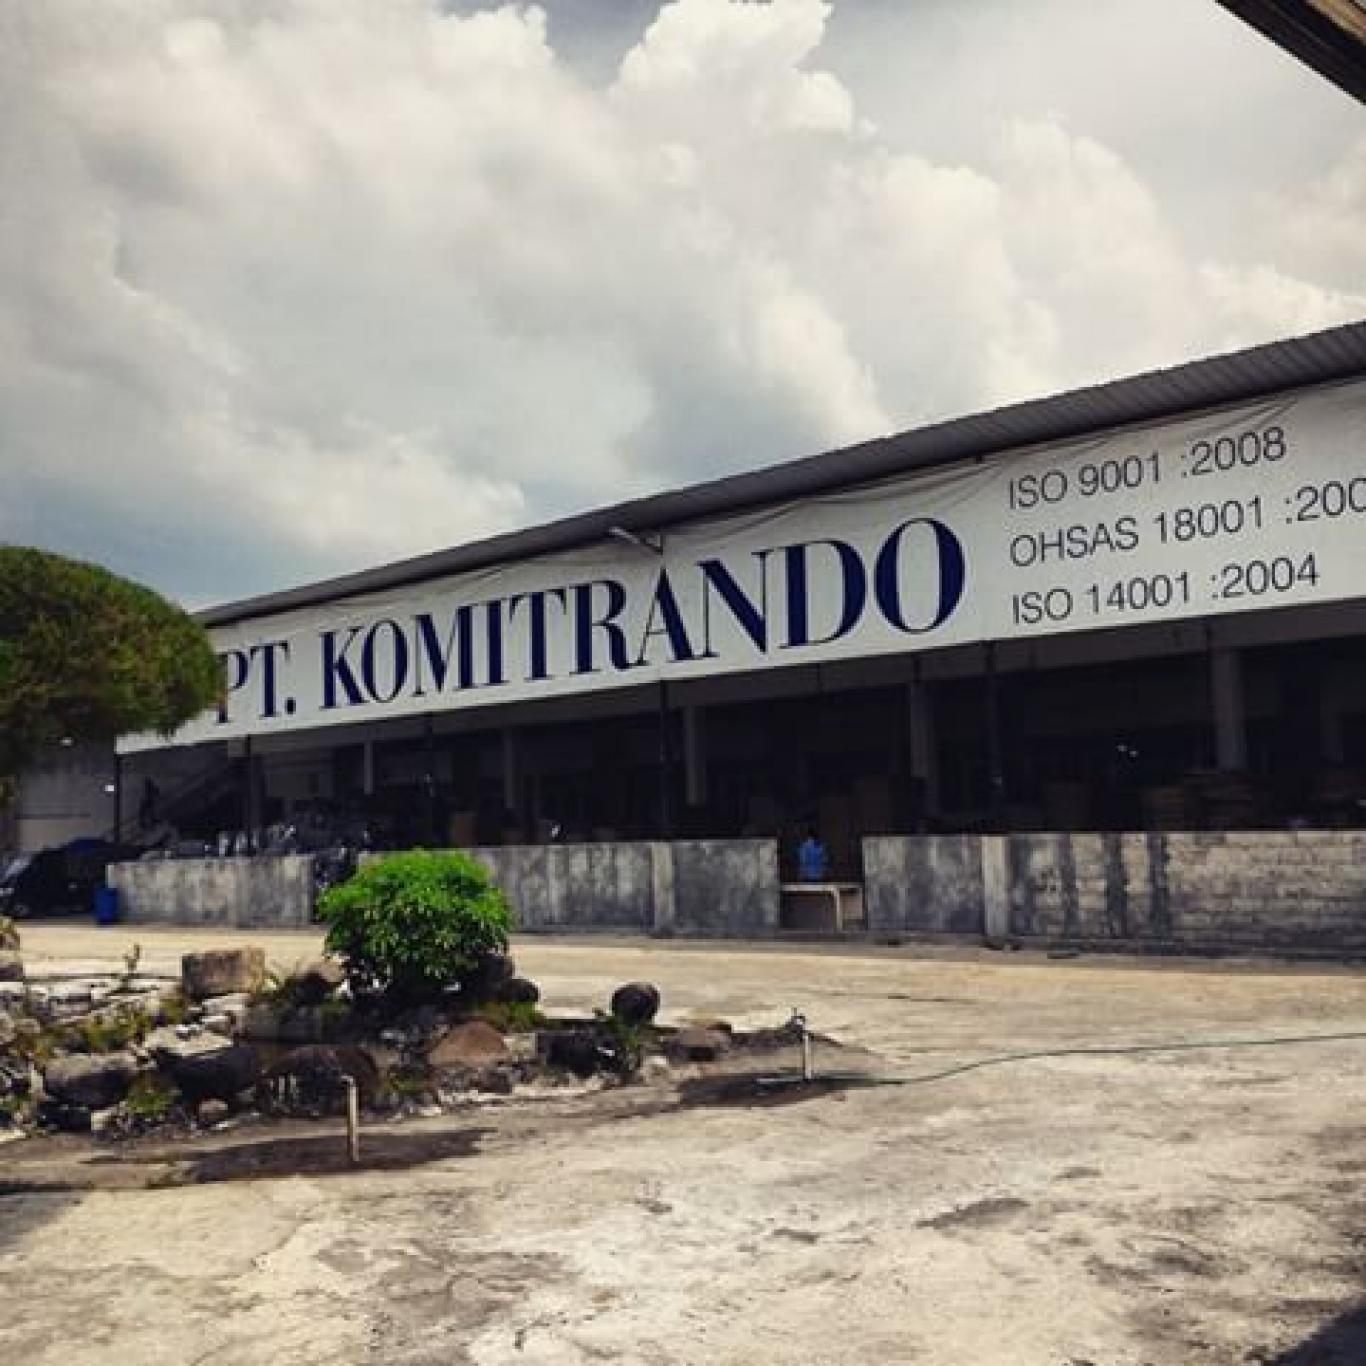 Lowongan Kerja Pt Komitrando Website Desa Imogiri